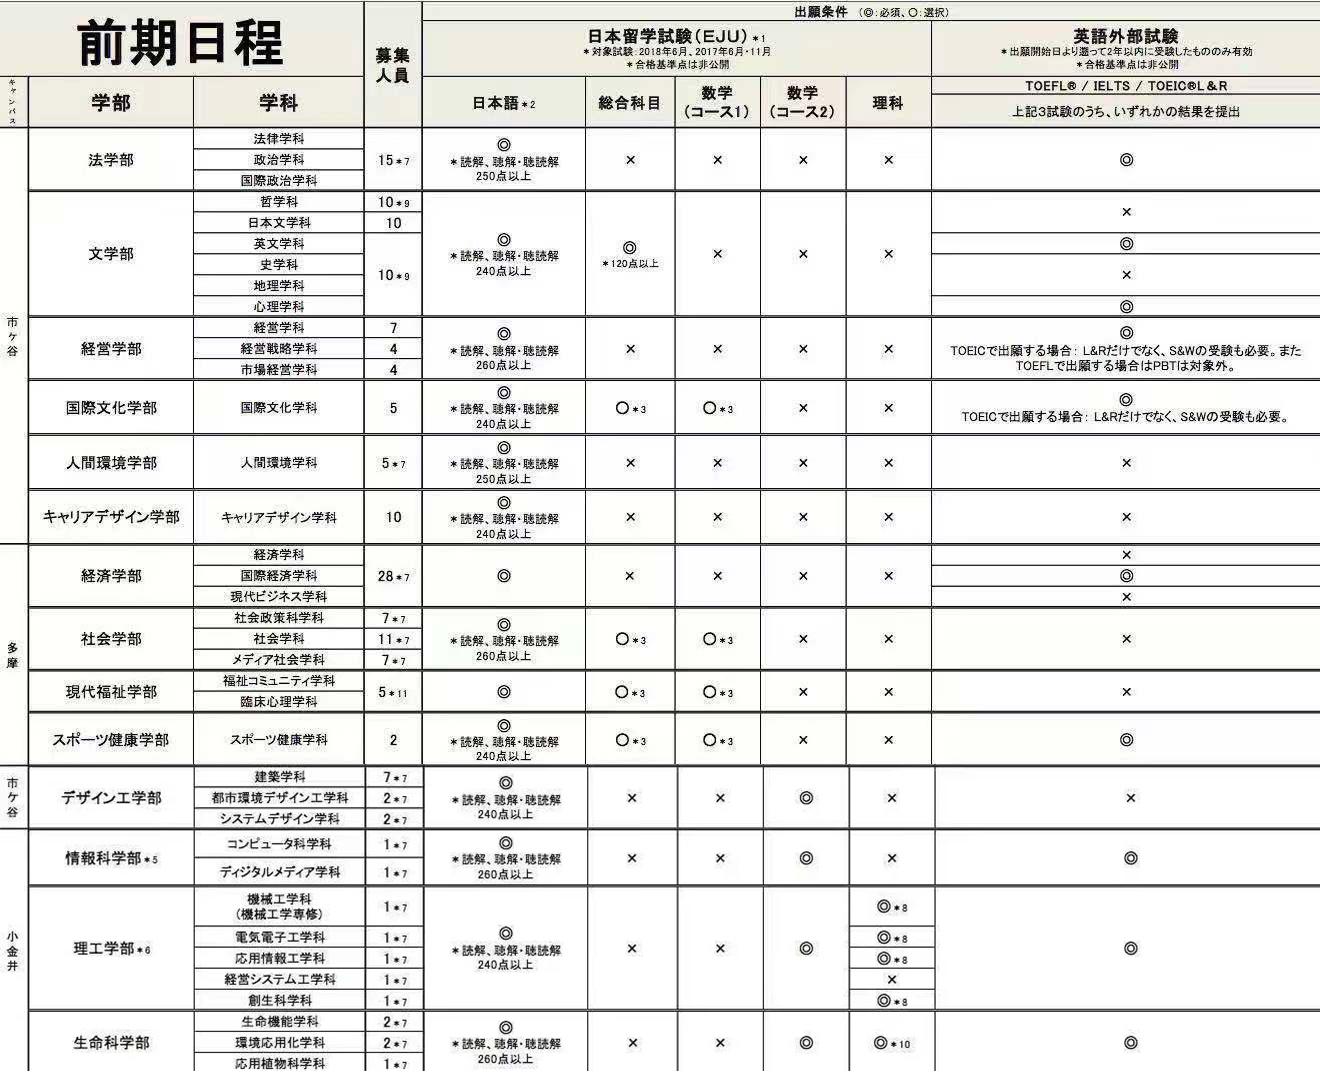 日本最早的私立法律大学-法政大学报考方法